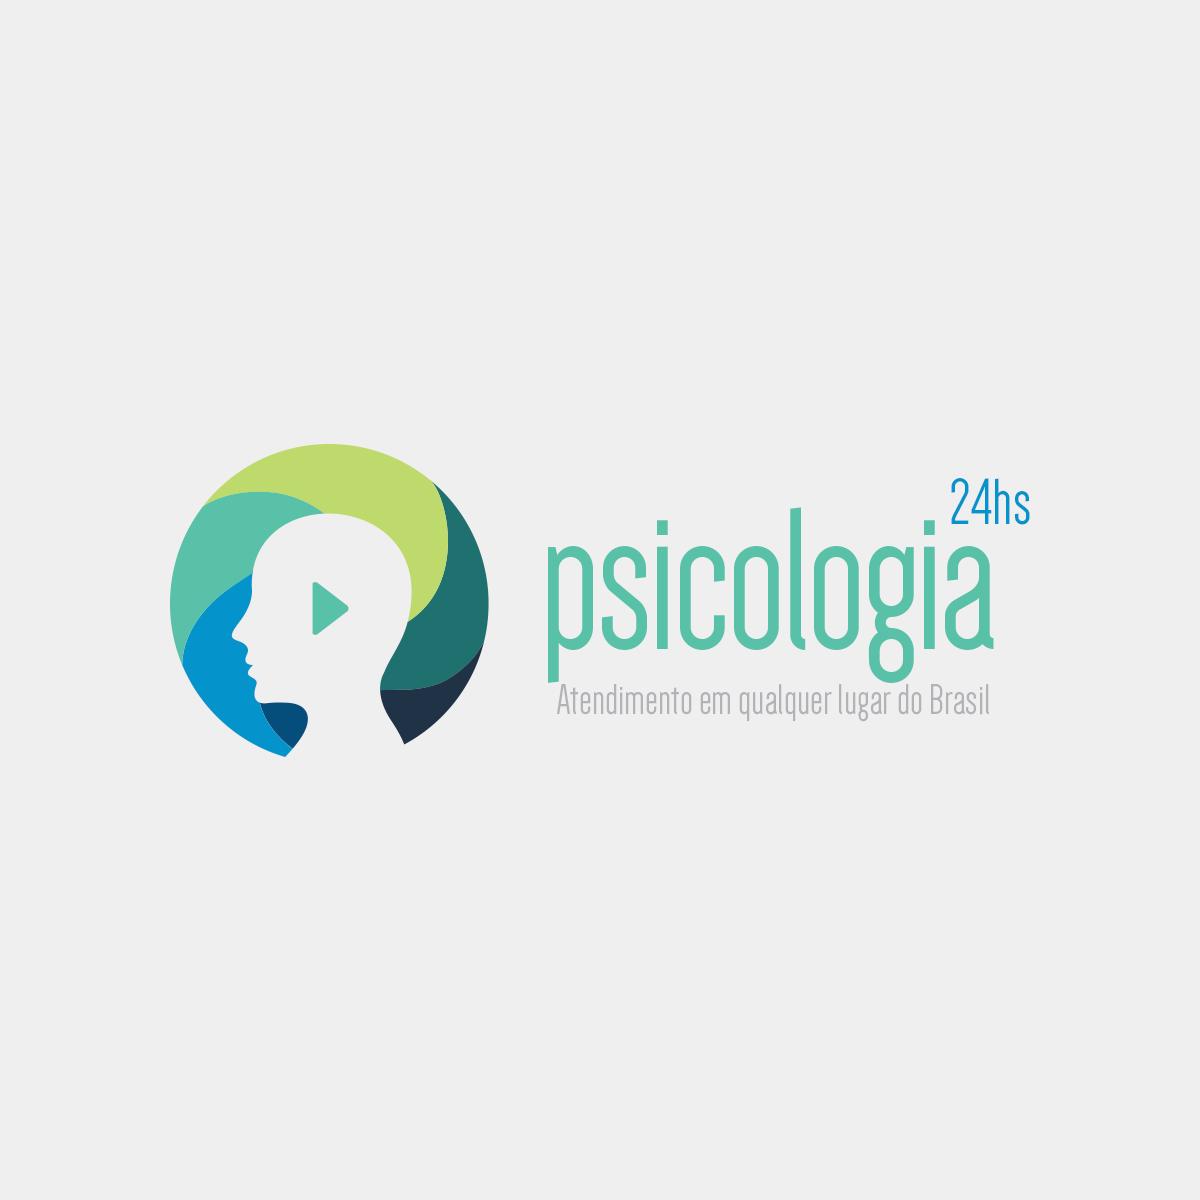 https://brasiltelemedicina.com.br/wp-content/uploads/2016/07/psicologia-24hs-1200x1200.png